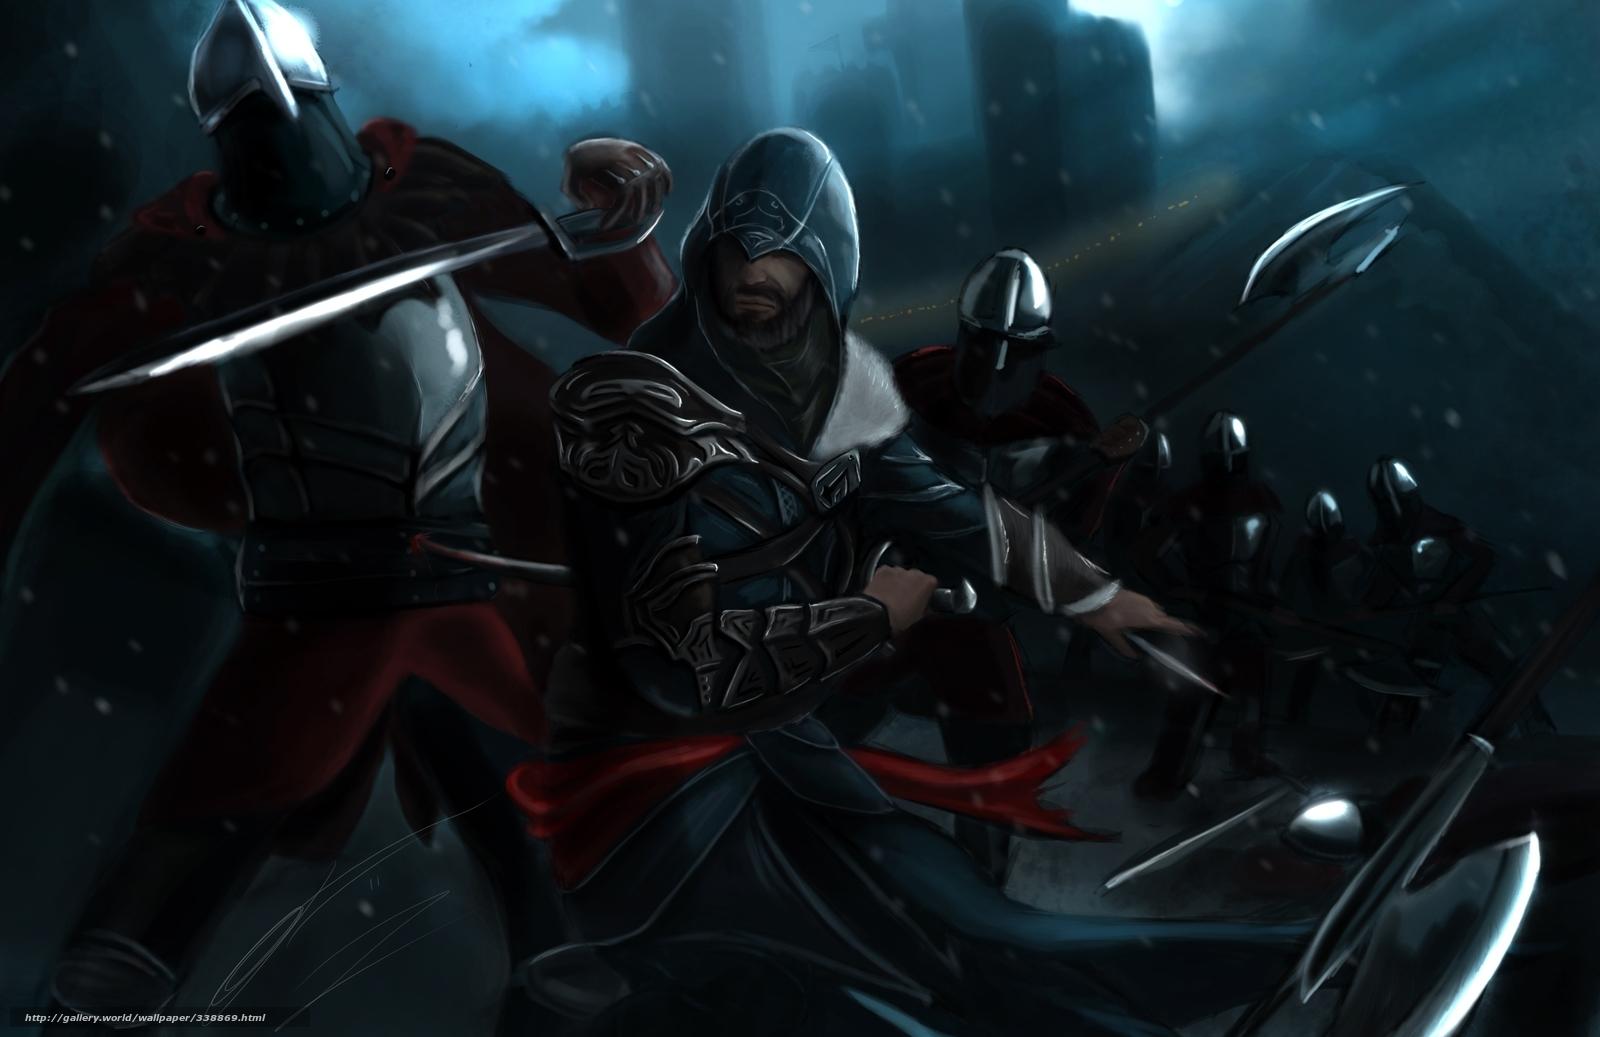 Descargar gratis Ezio Auditor da Firenze,  Asesino,  ver,  Masiaf Fondos de escritorio en la resolucin 2215x1436 — imagen №338869